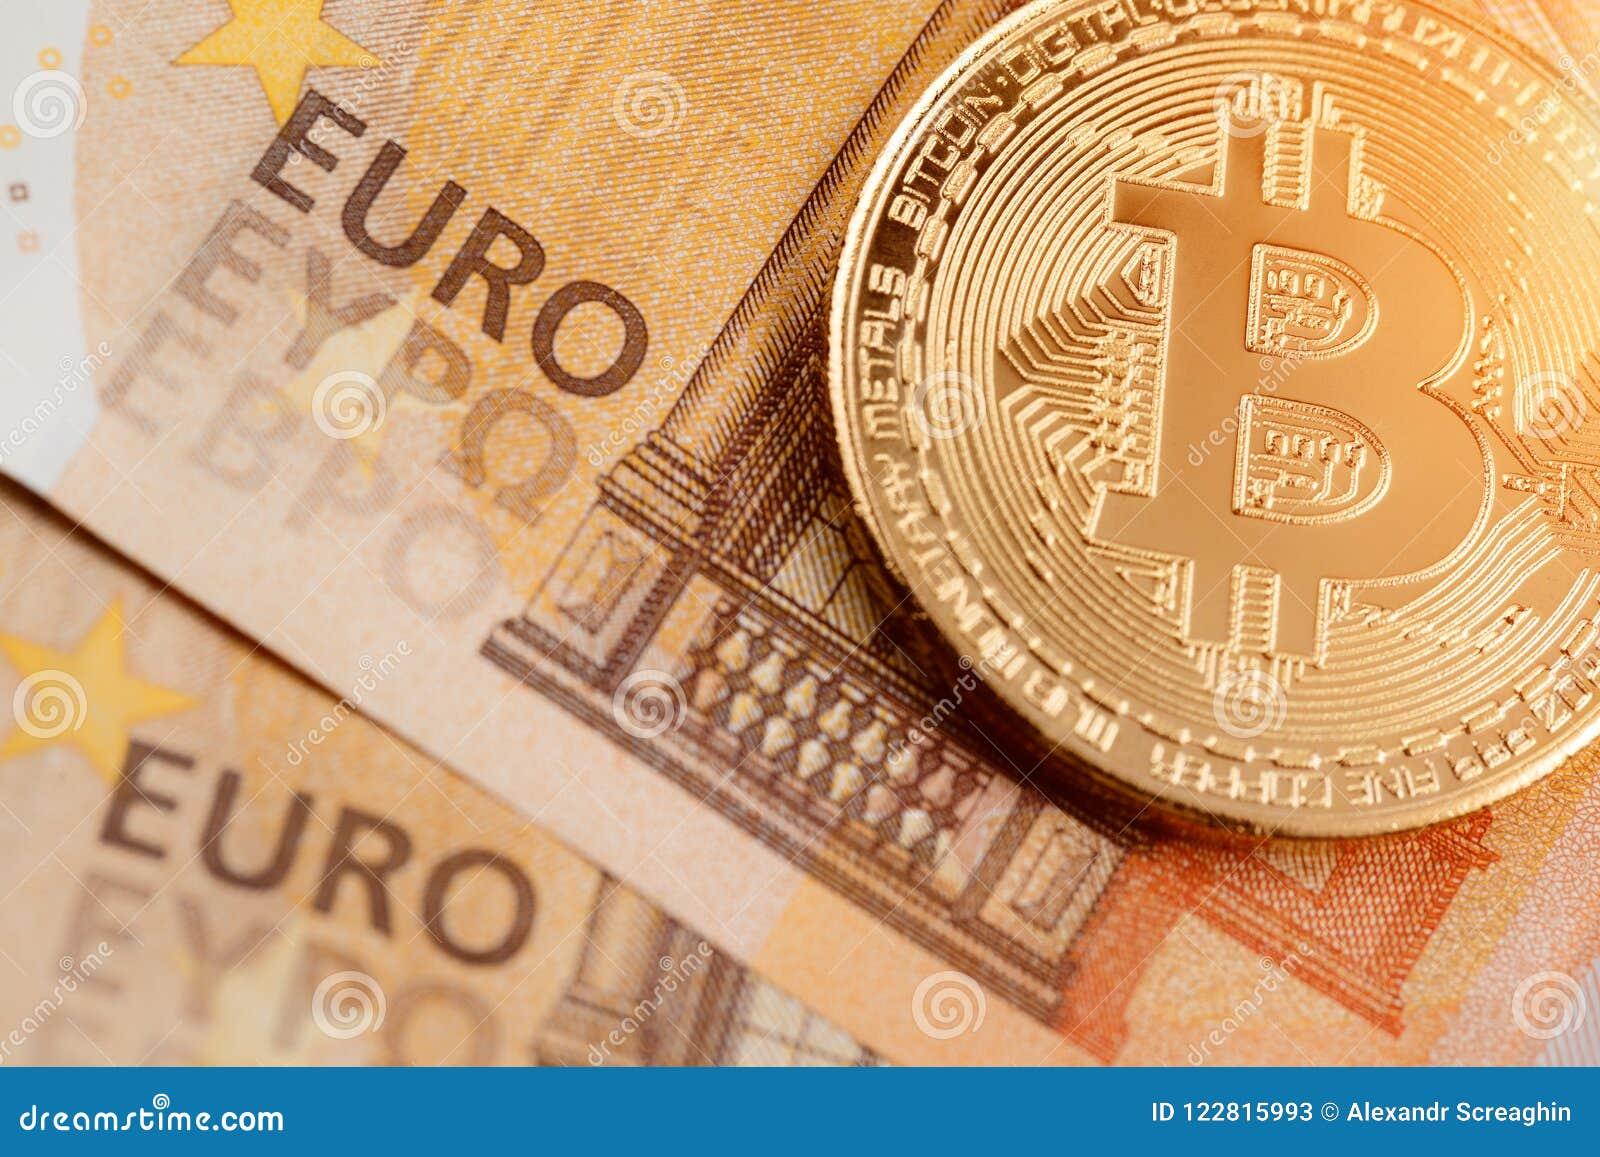 bitcoin money exchange)